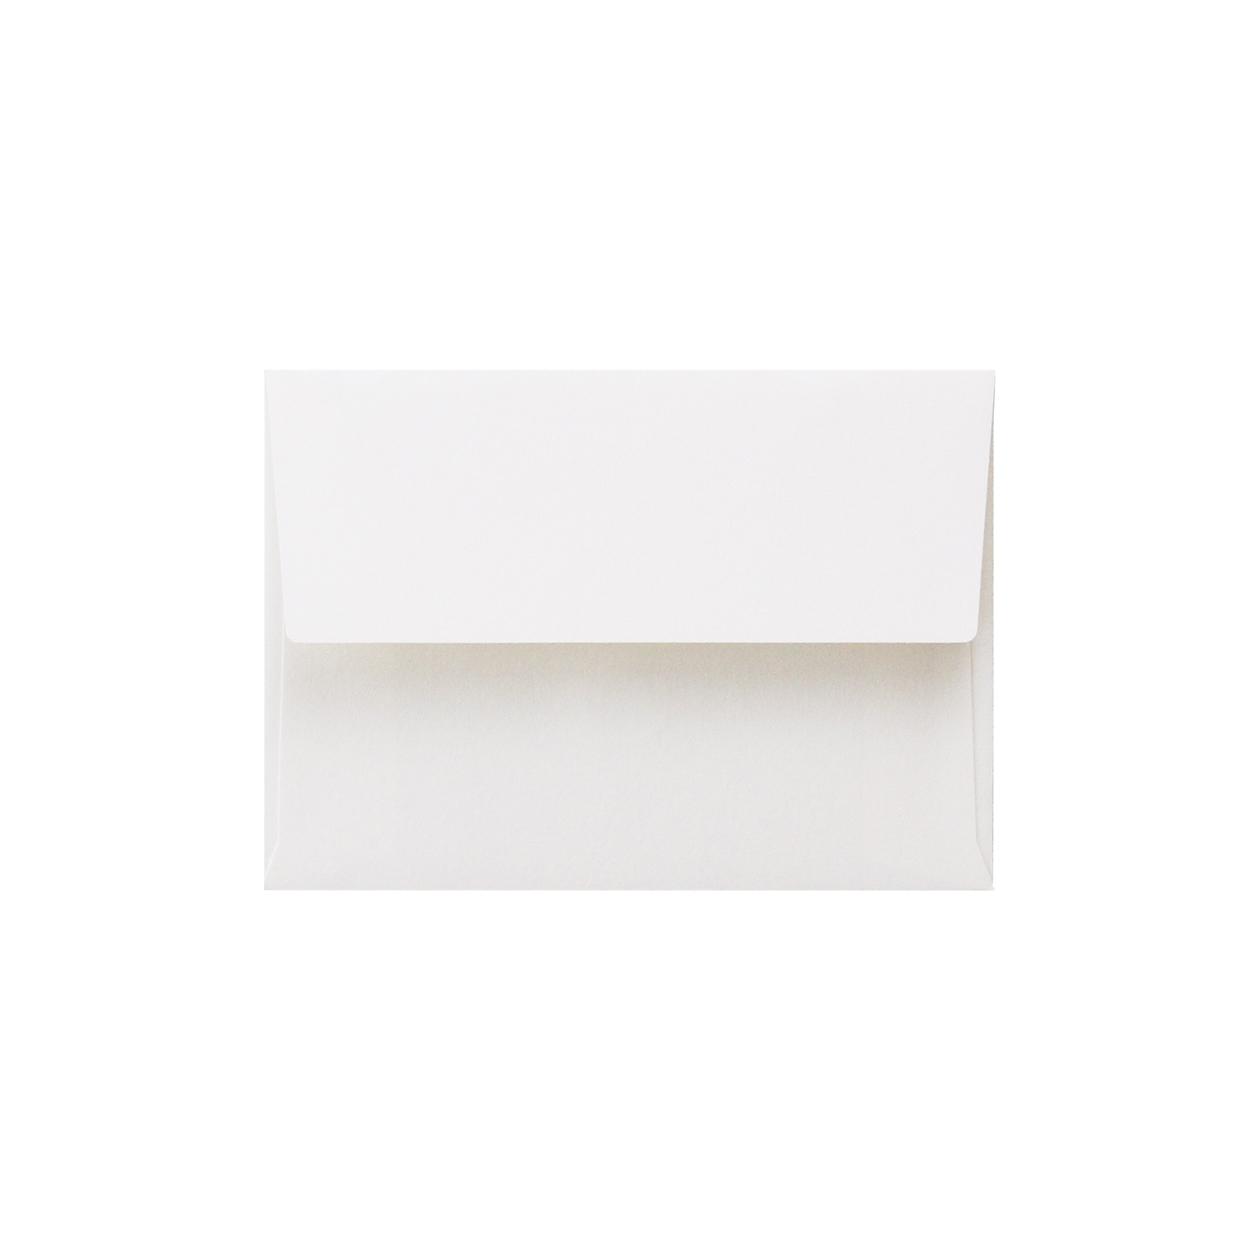 サンプル 封筒・袋 00114